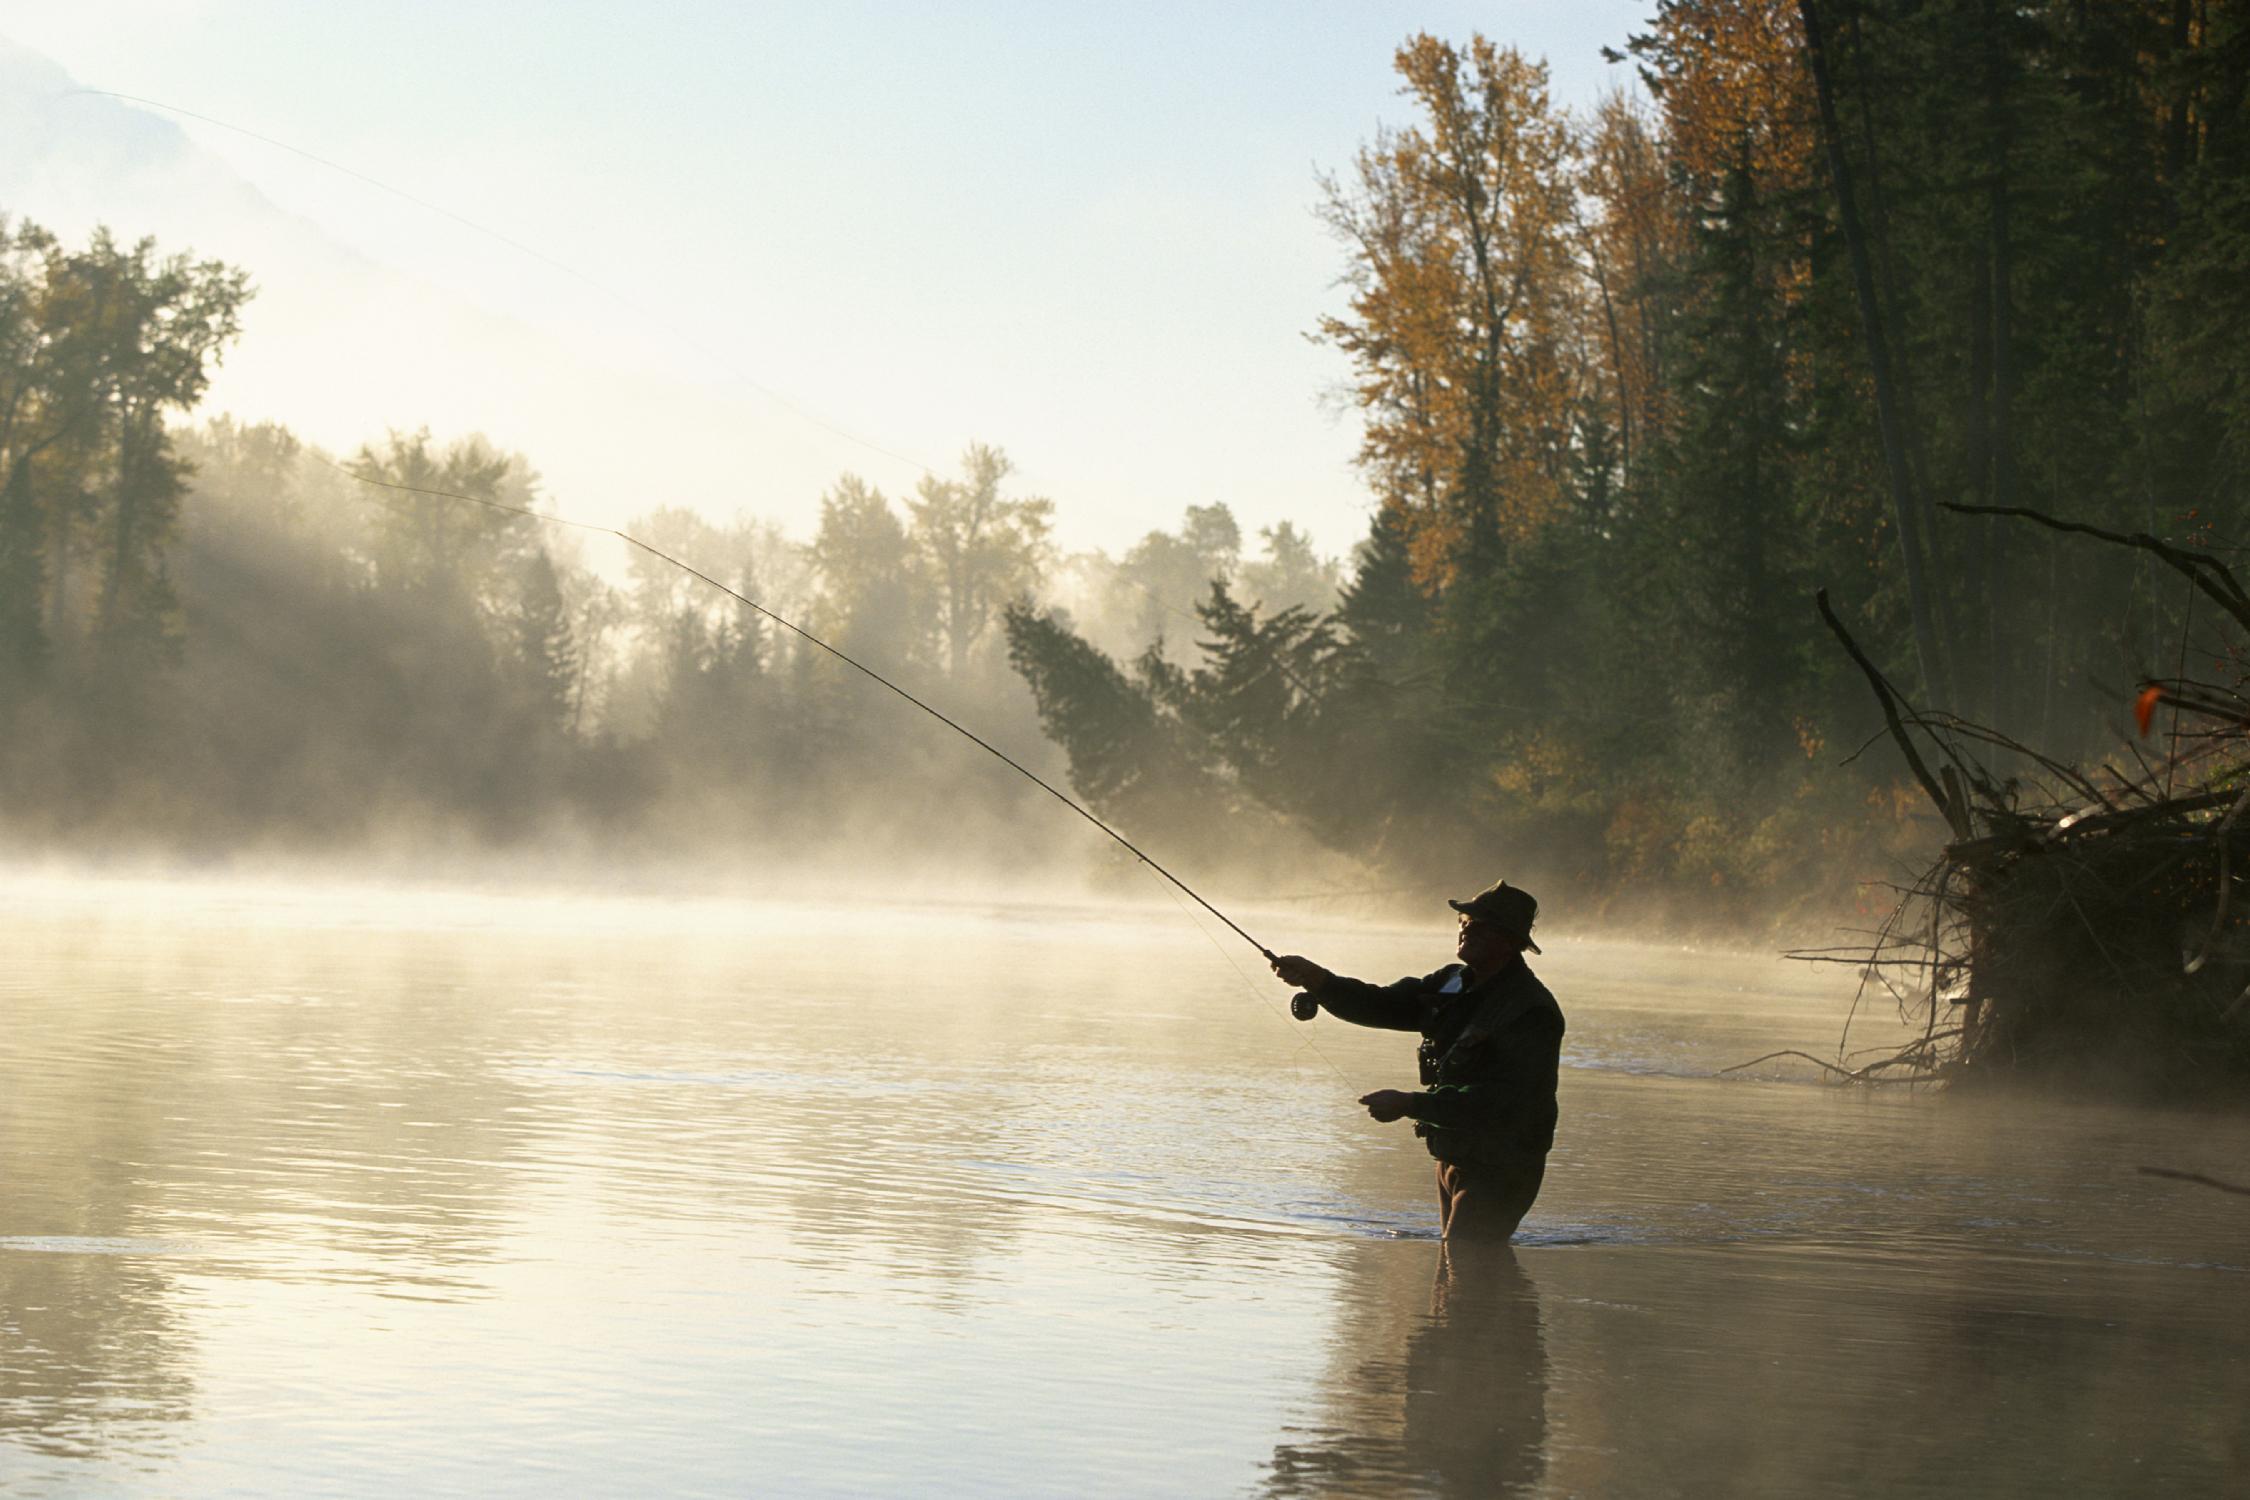 Man fly fishing in the mist on the Elk River near Fernie.